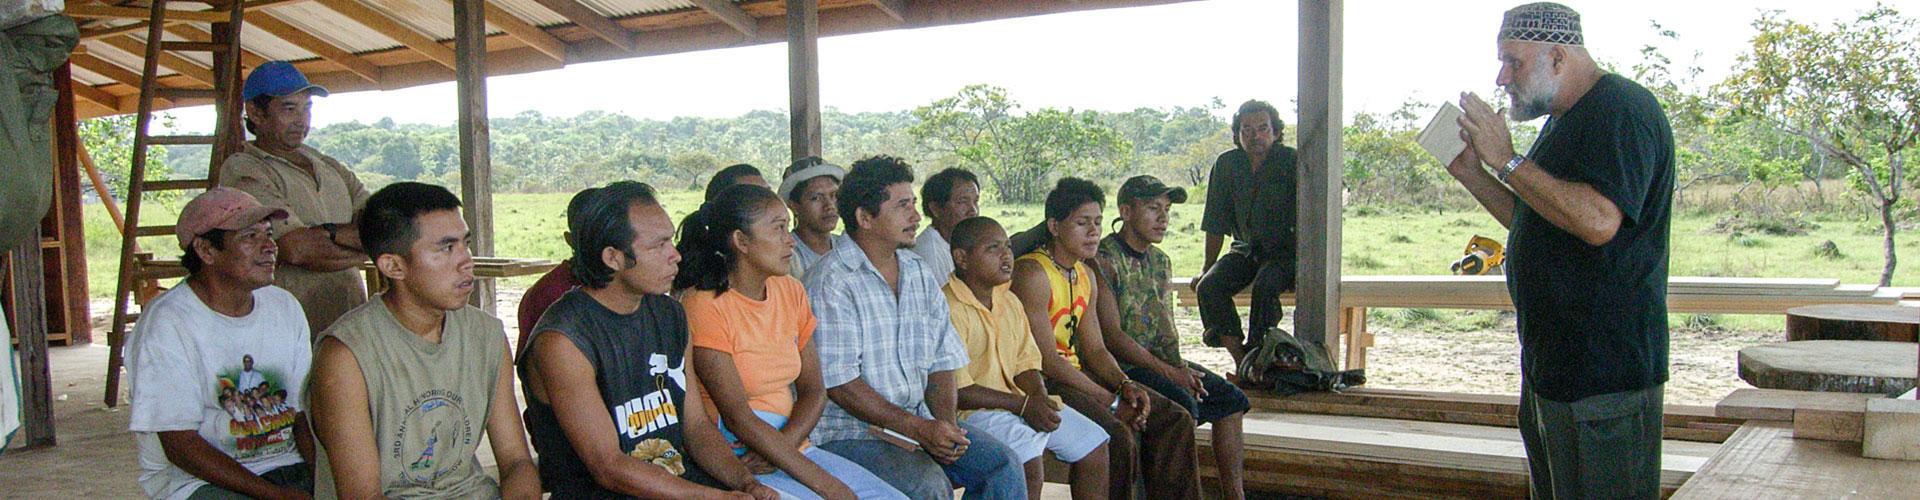 Foto: Mann mit angewinkelten Armen in Lehrerpose vor einer sitzenden Gruppe guyanischer Zuhörer